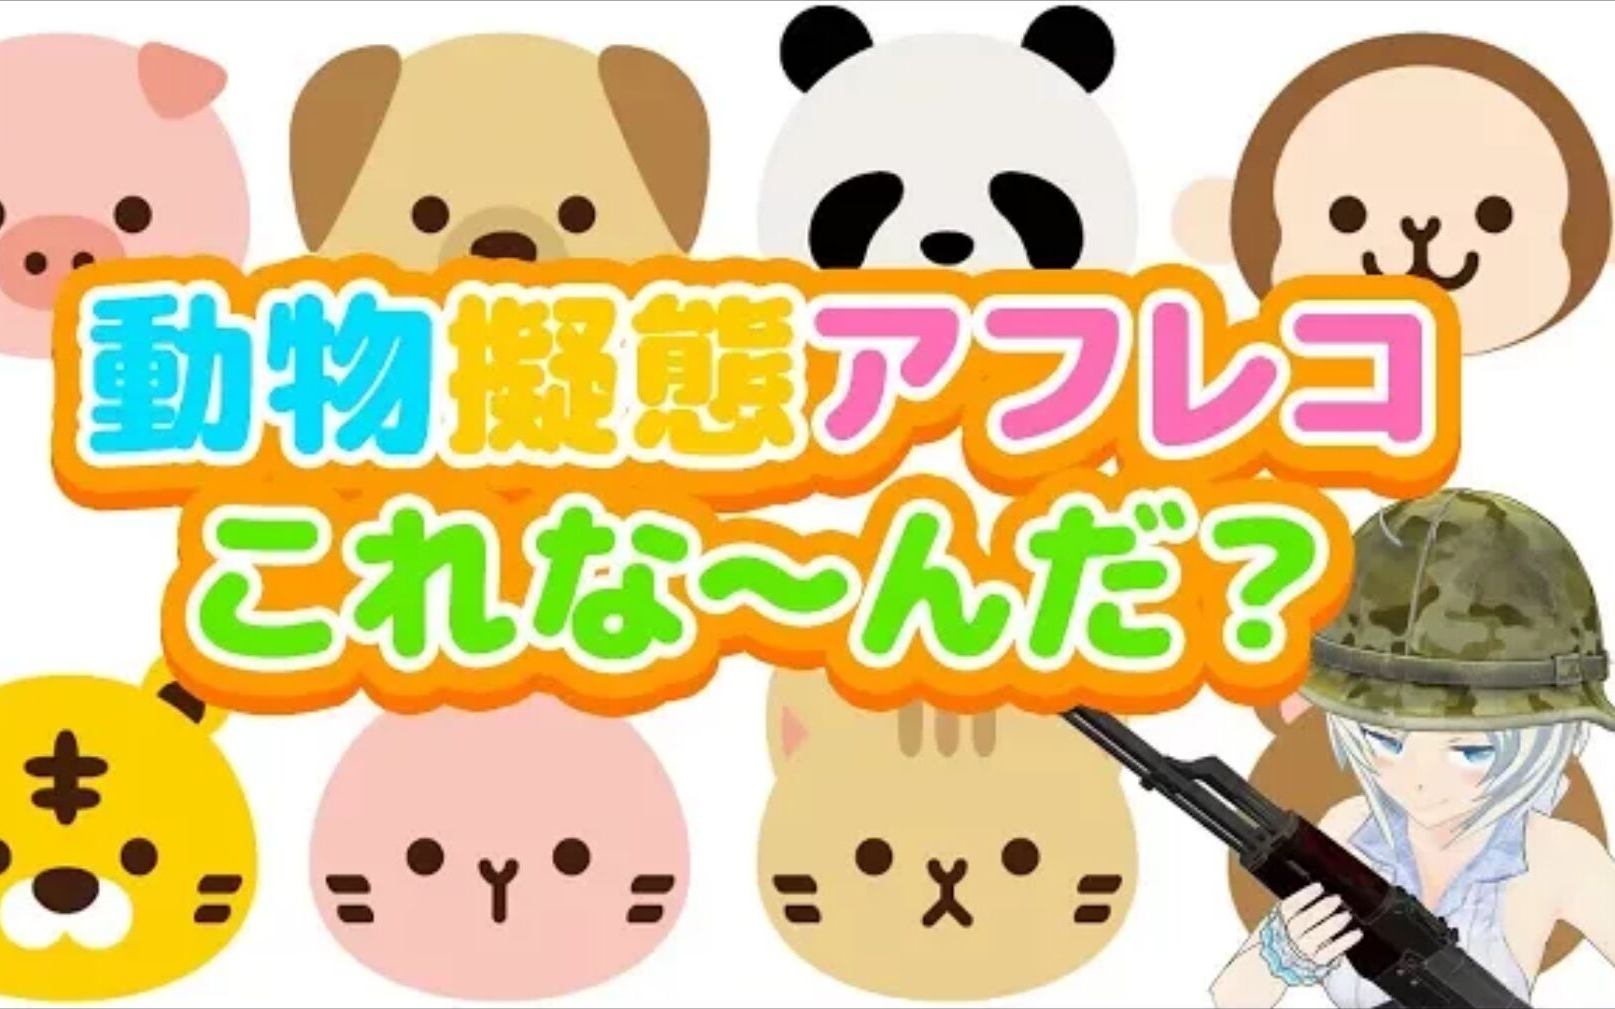 【熟肉补档】siro小白#46 音量注意!siro的更恐怖的病娇台词!(2017.9.27)